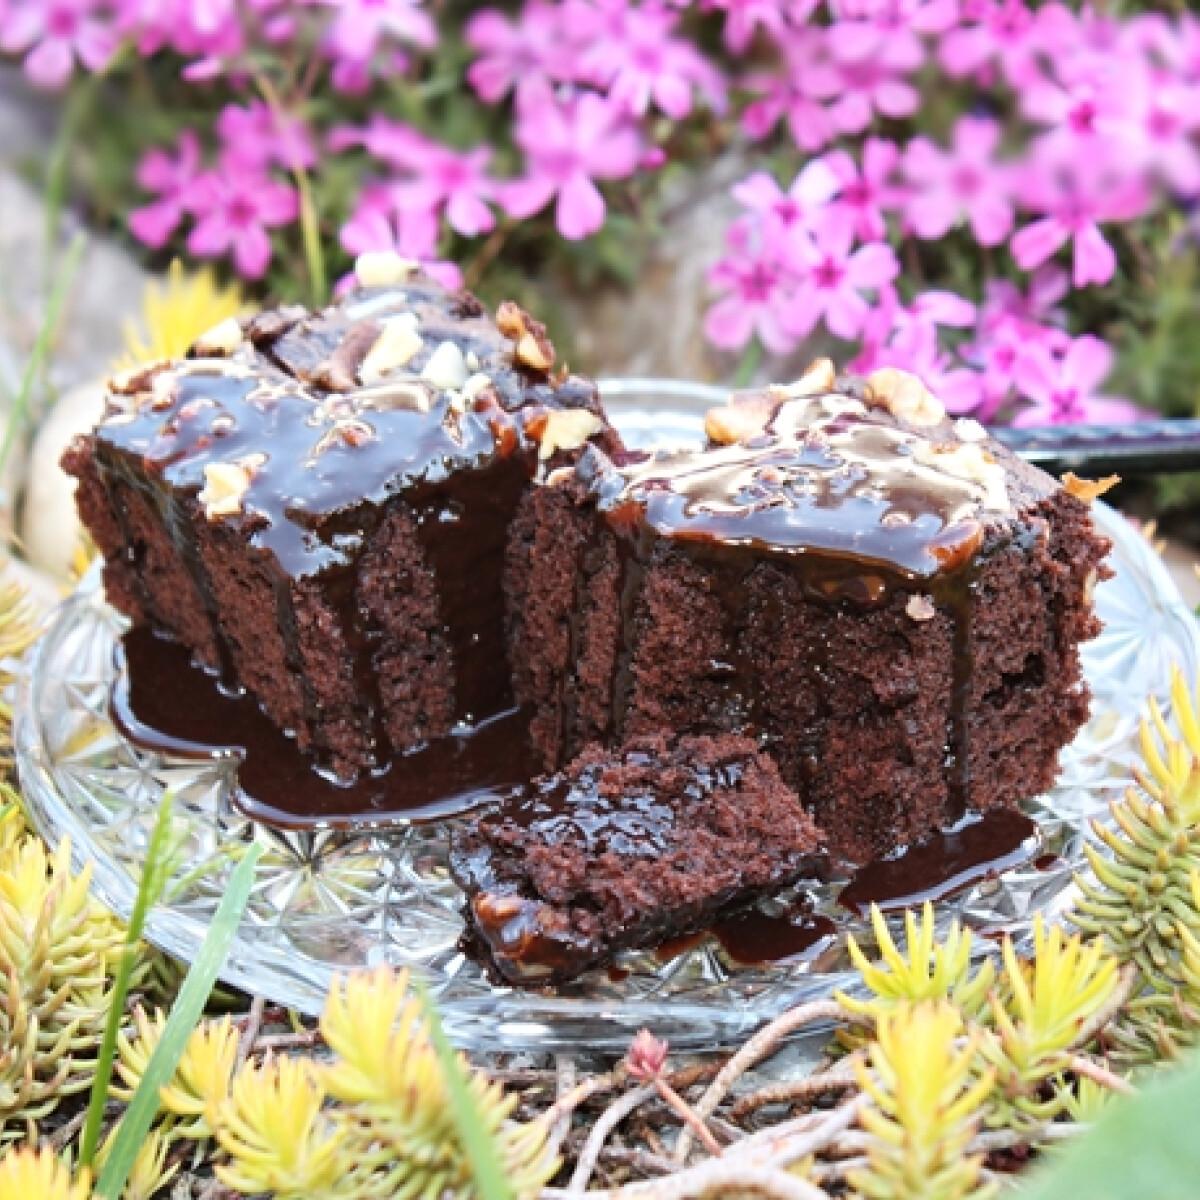 Mennyei csokoládészószos-kakaós kocka